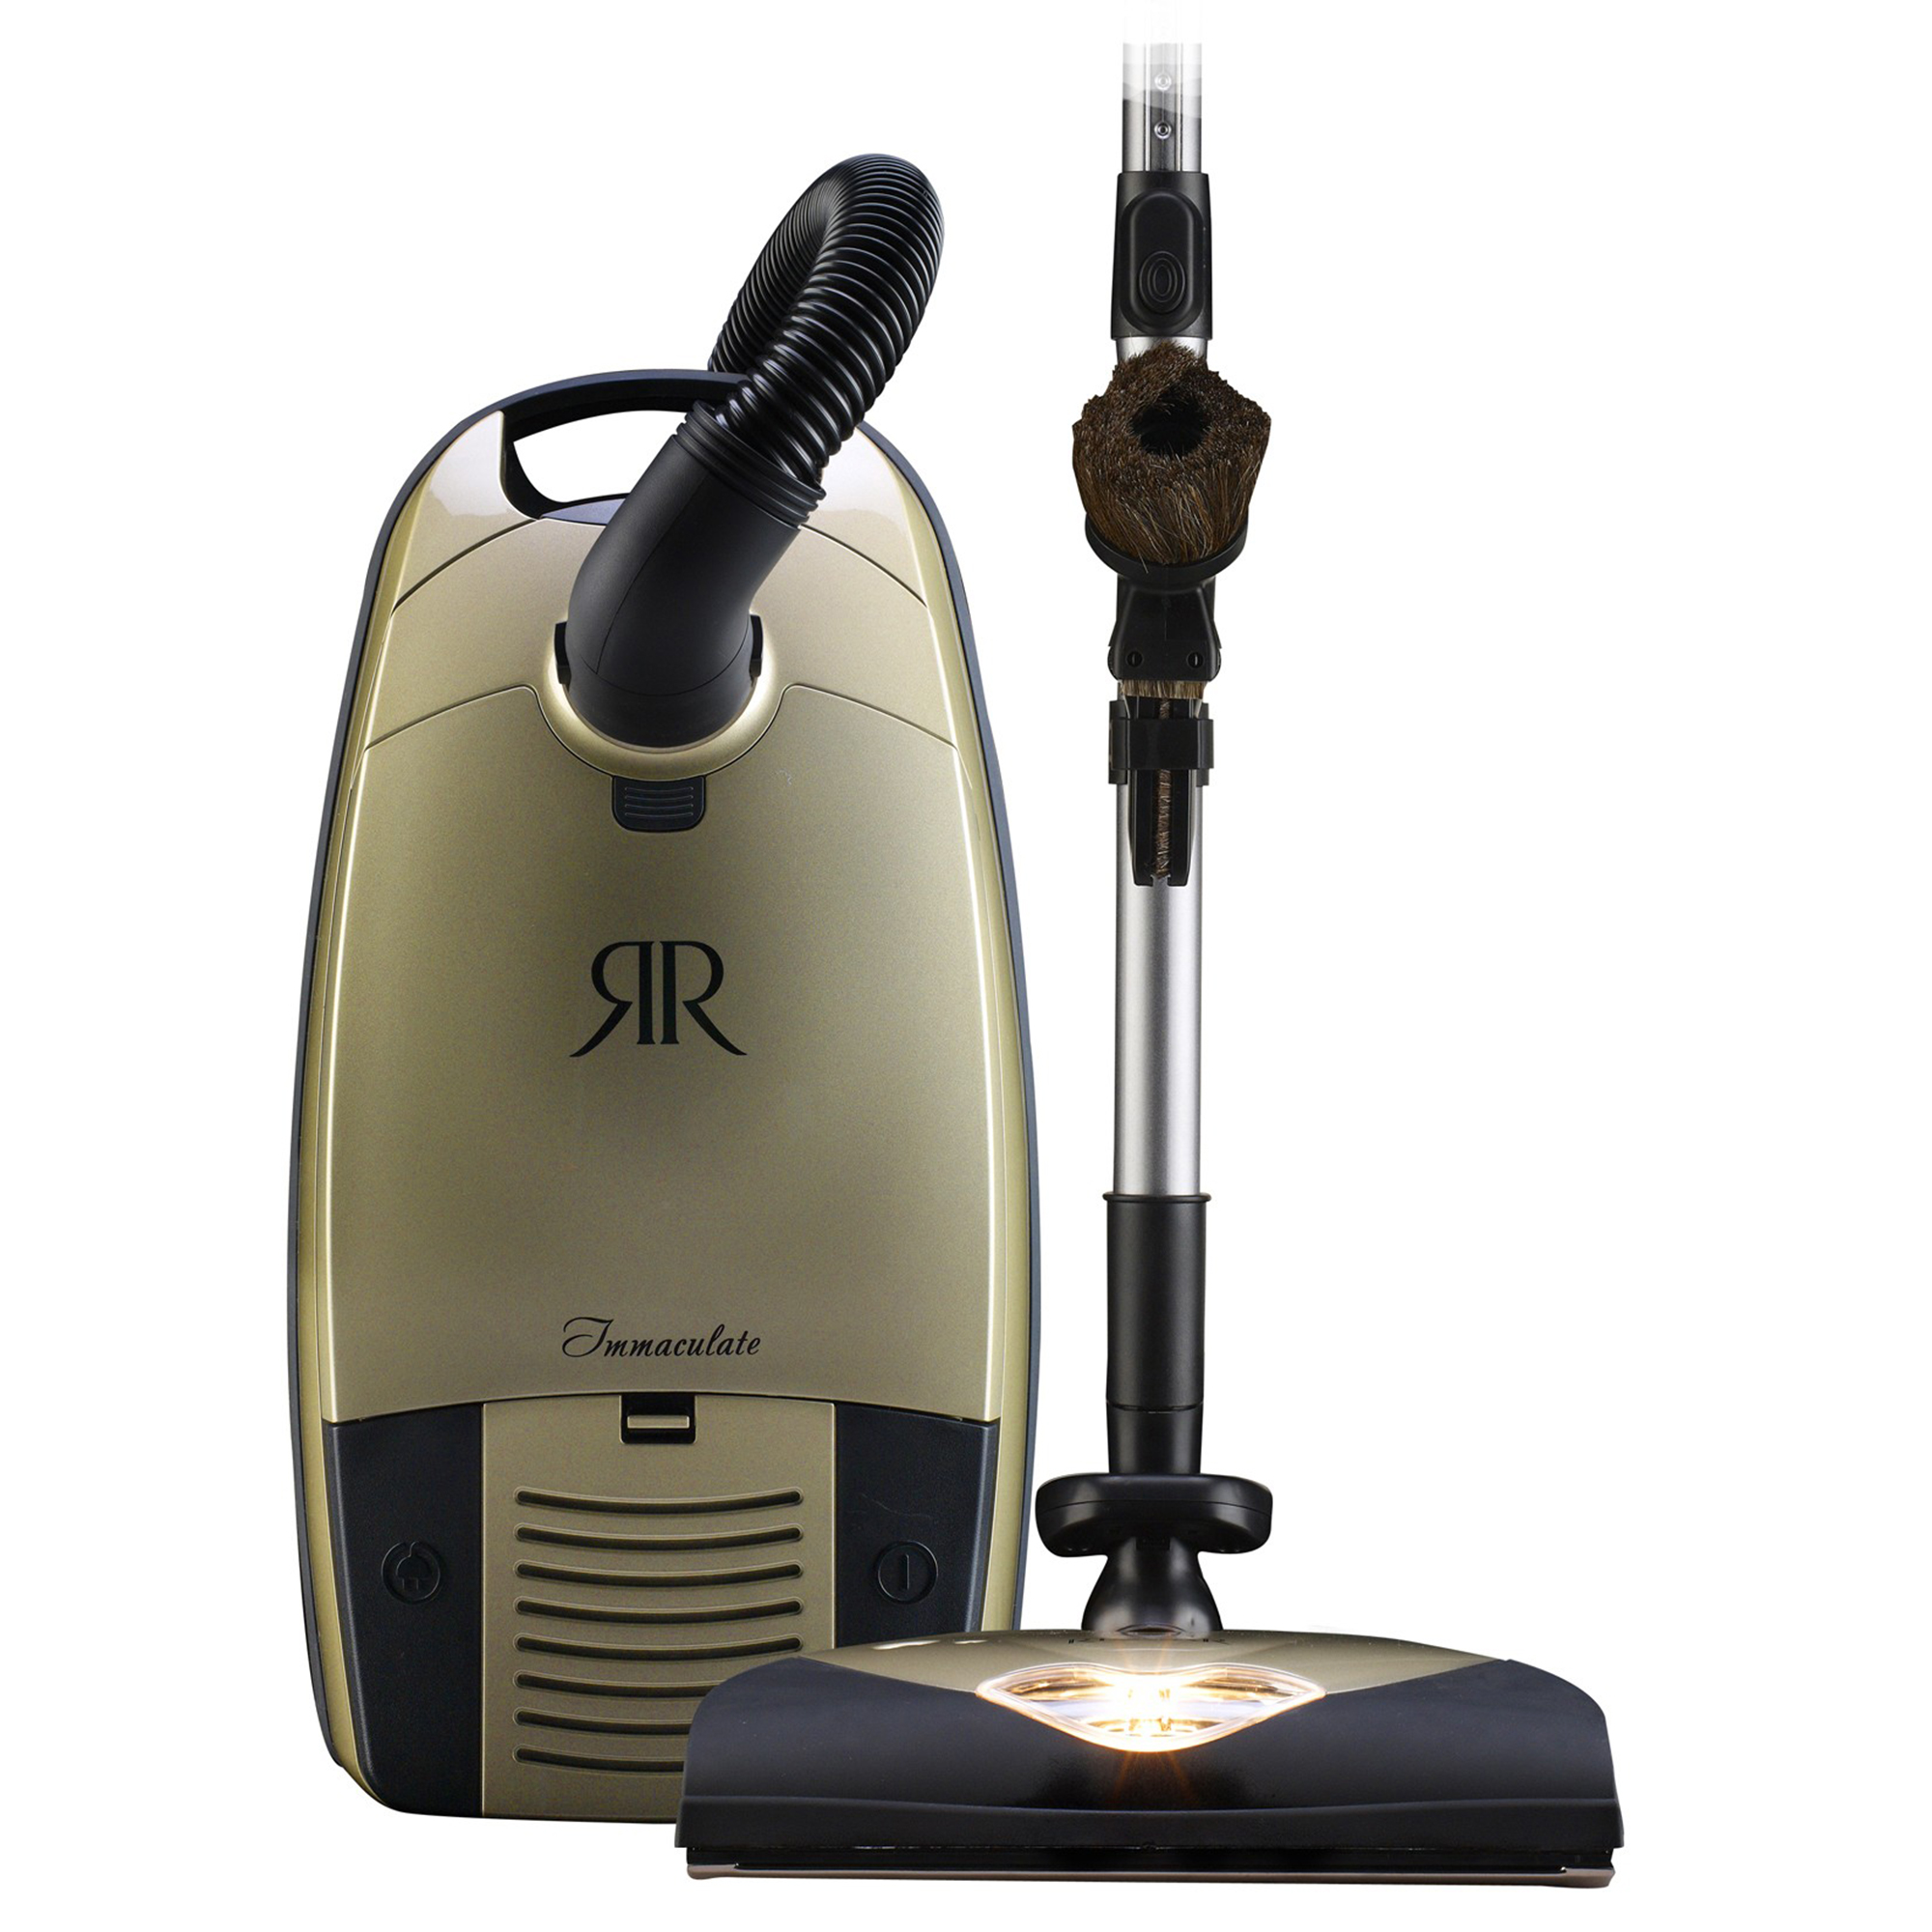 Riccar Bismarck Nd J Amp R Vacuum Amp Sewing